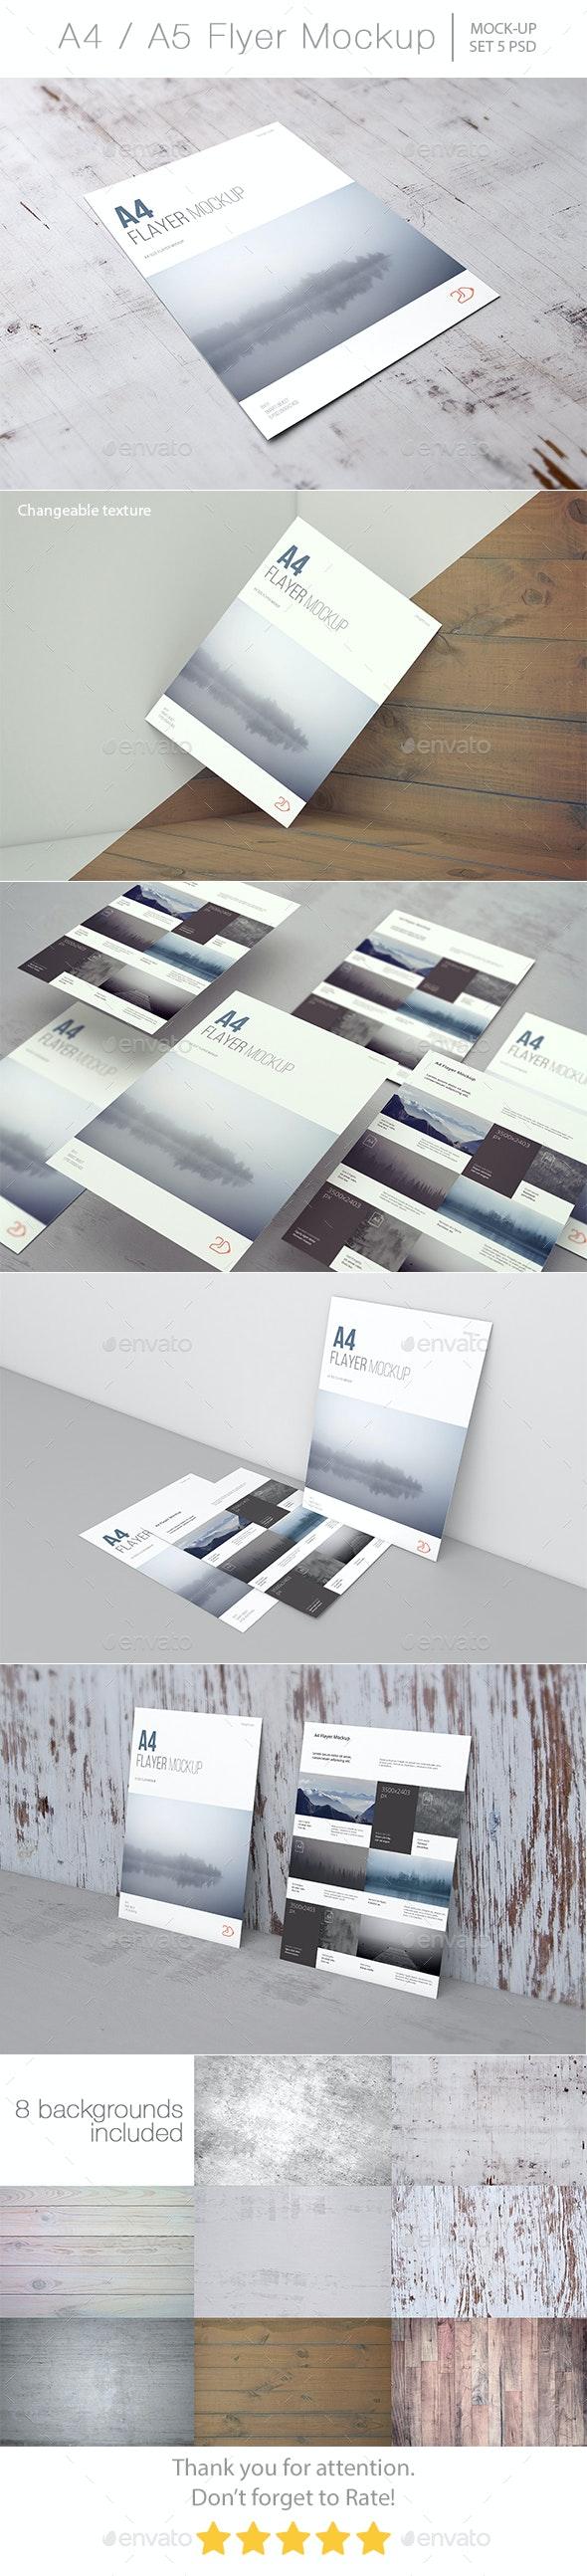 A4 / A5 Flyer Mockup - Product Mock-Ups Graphics